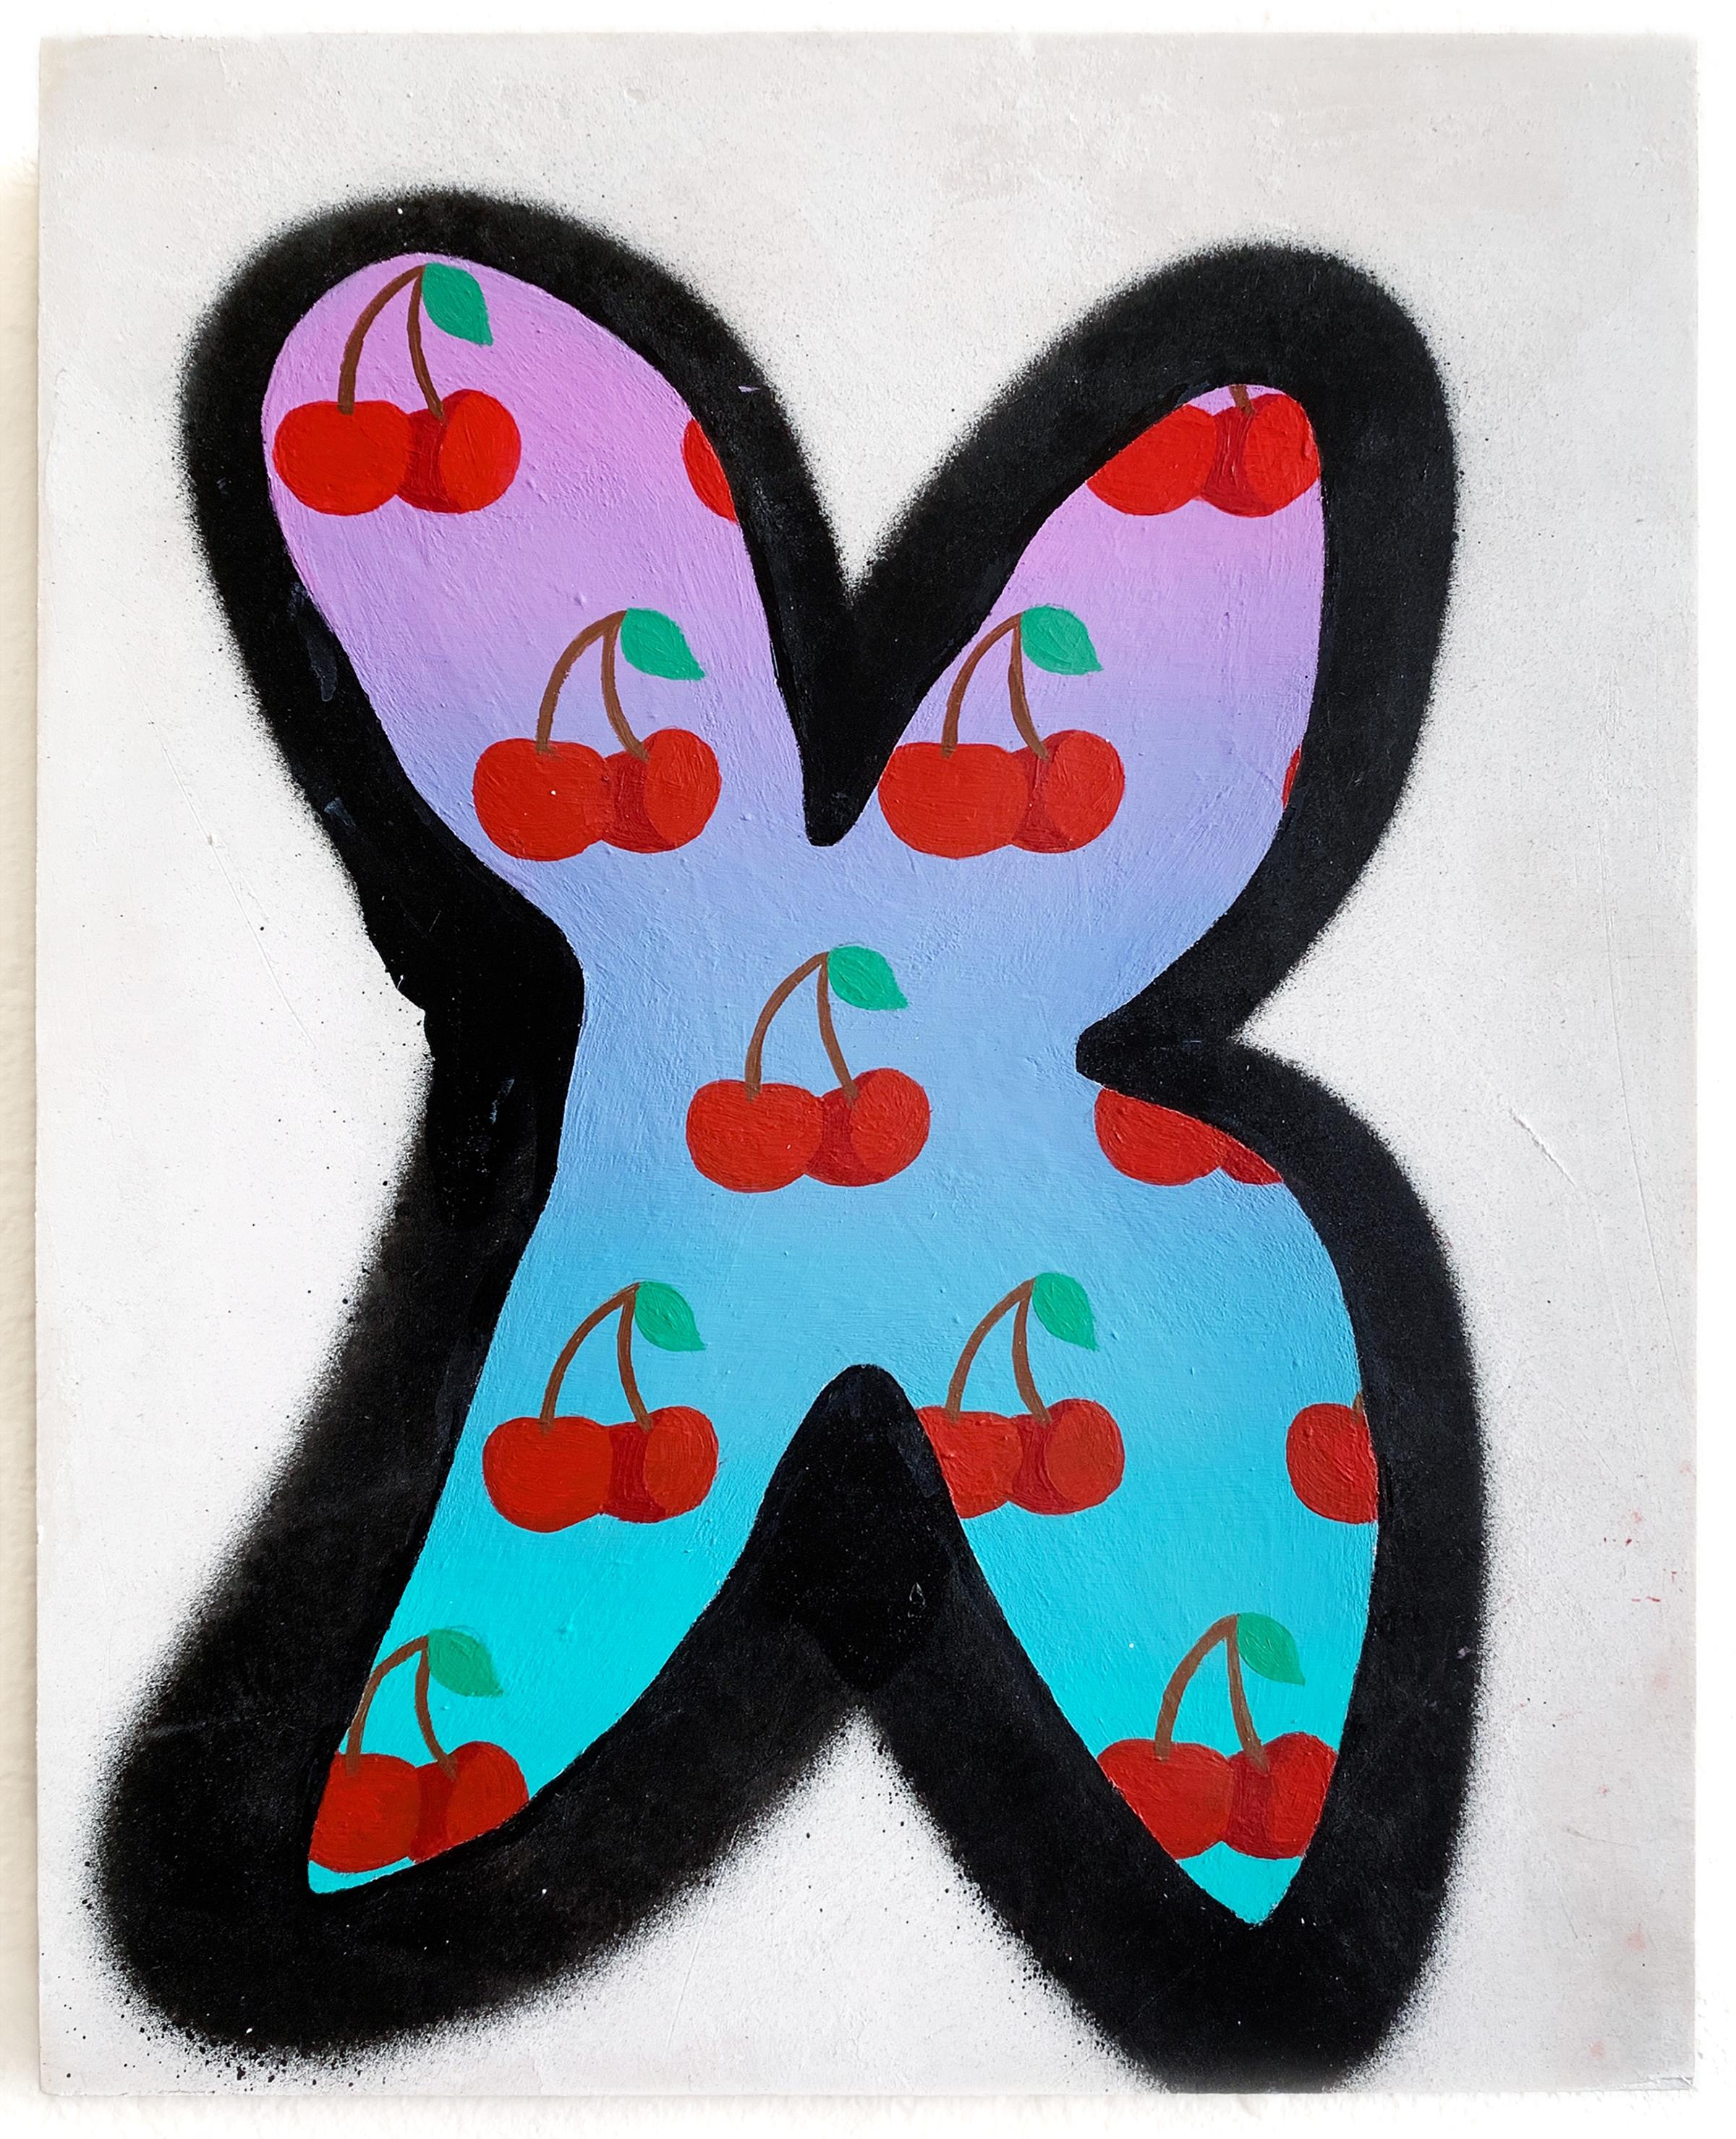 Cherry Cherry Cherry